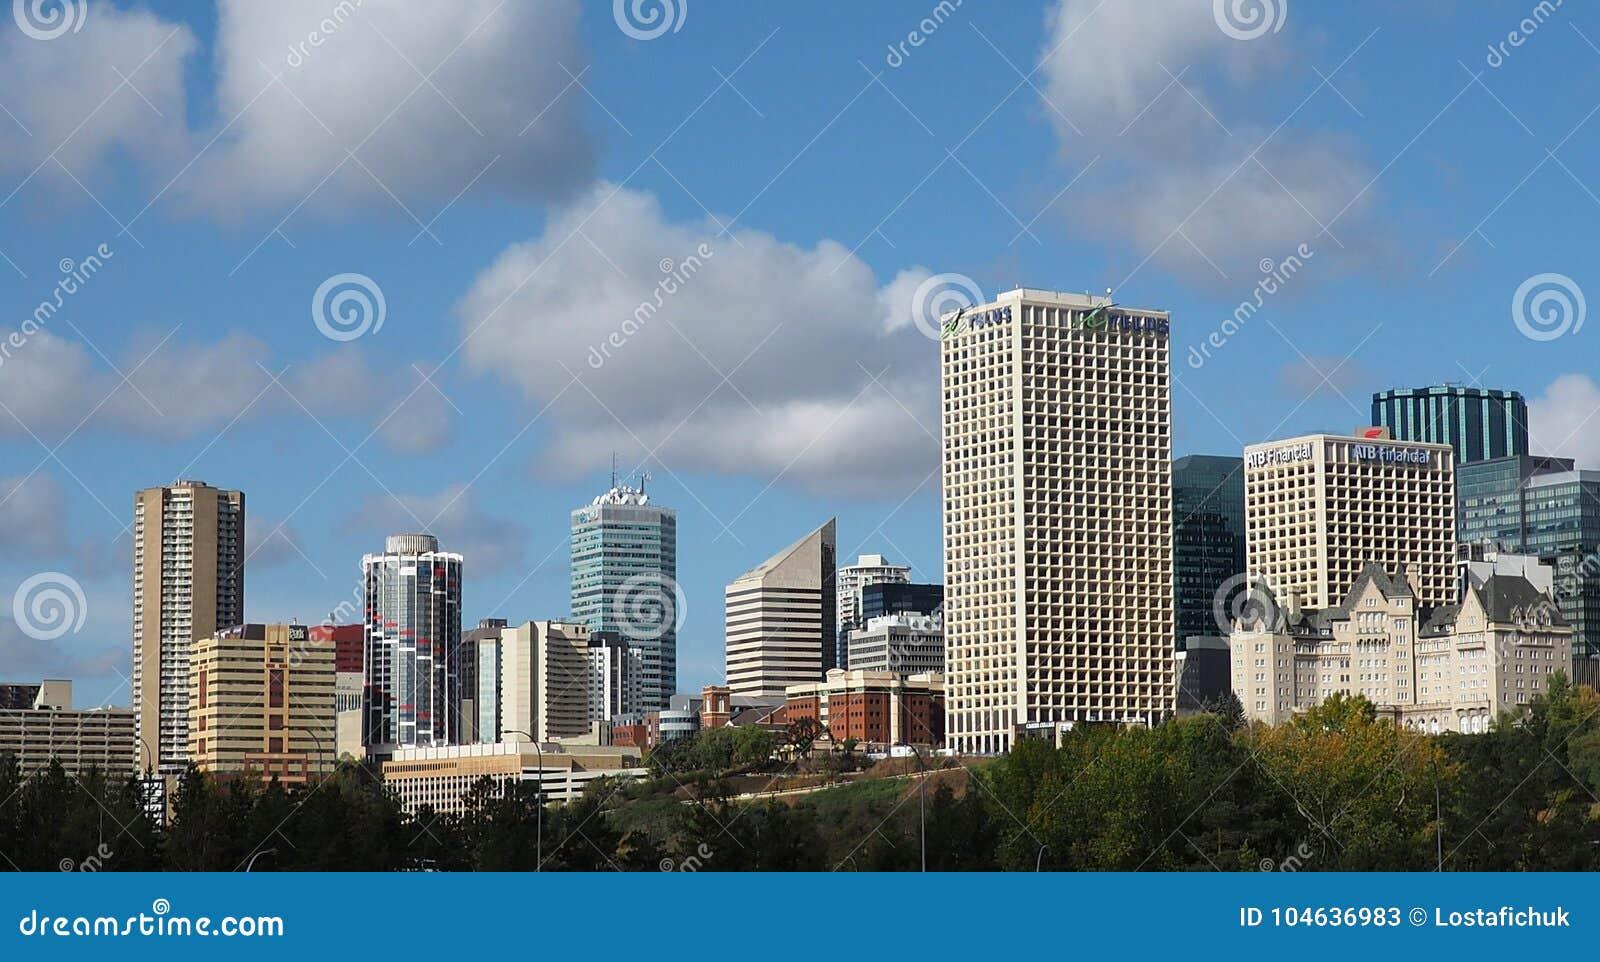 Download Edmonton Alberta Skyline With Clouds Redactionele Stock Foto - Afbeelding bestaande uit hotels, downtown: 104636983